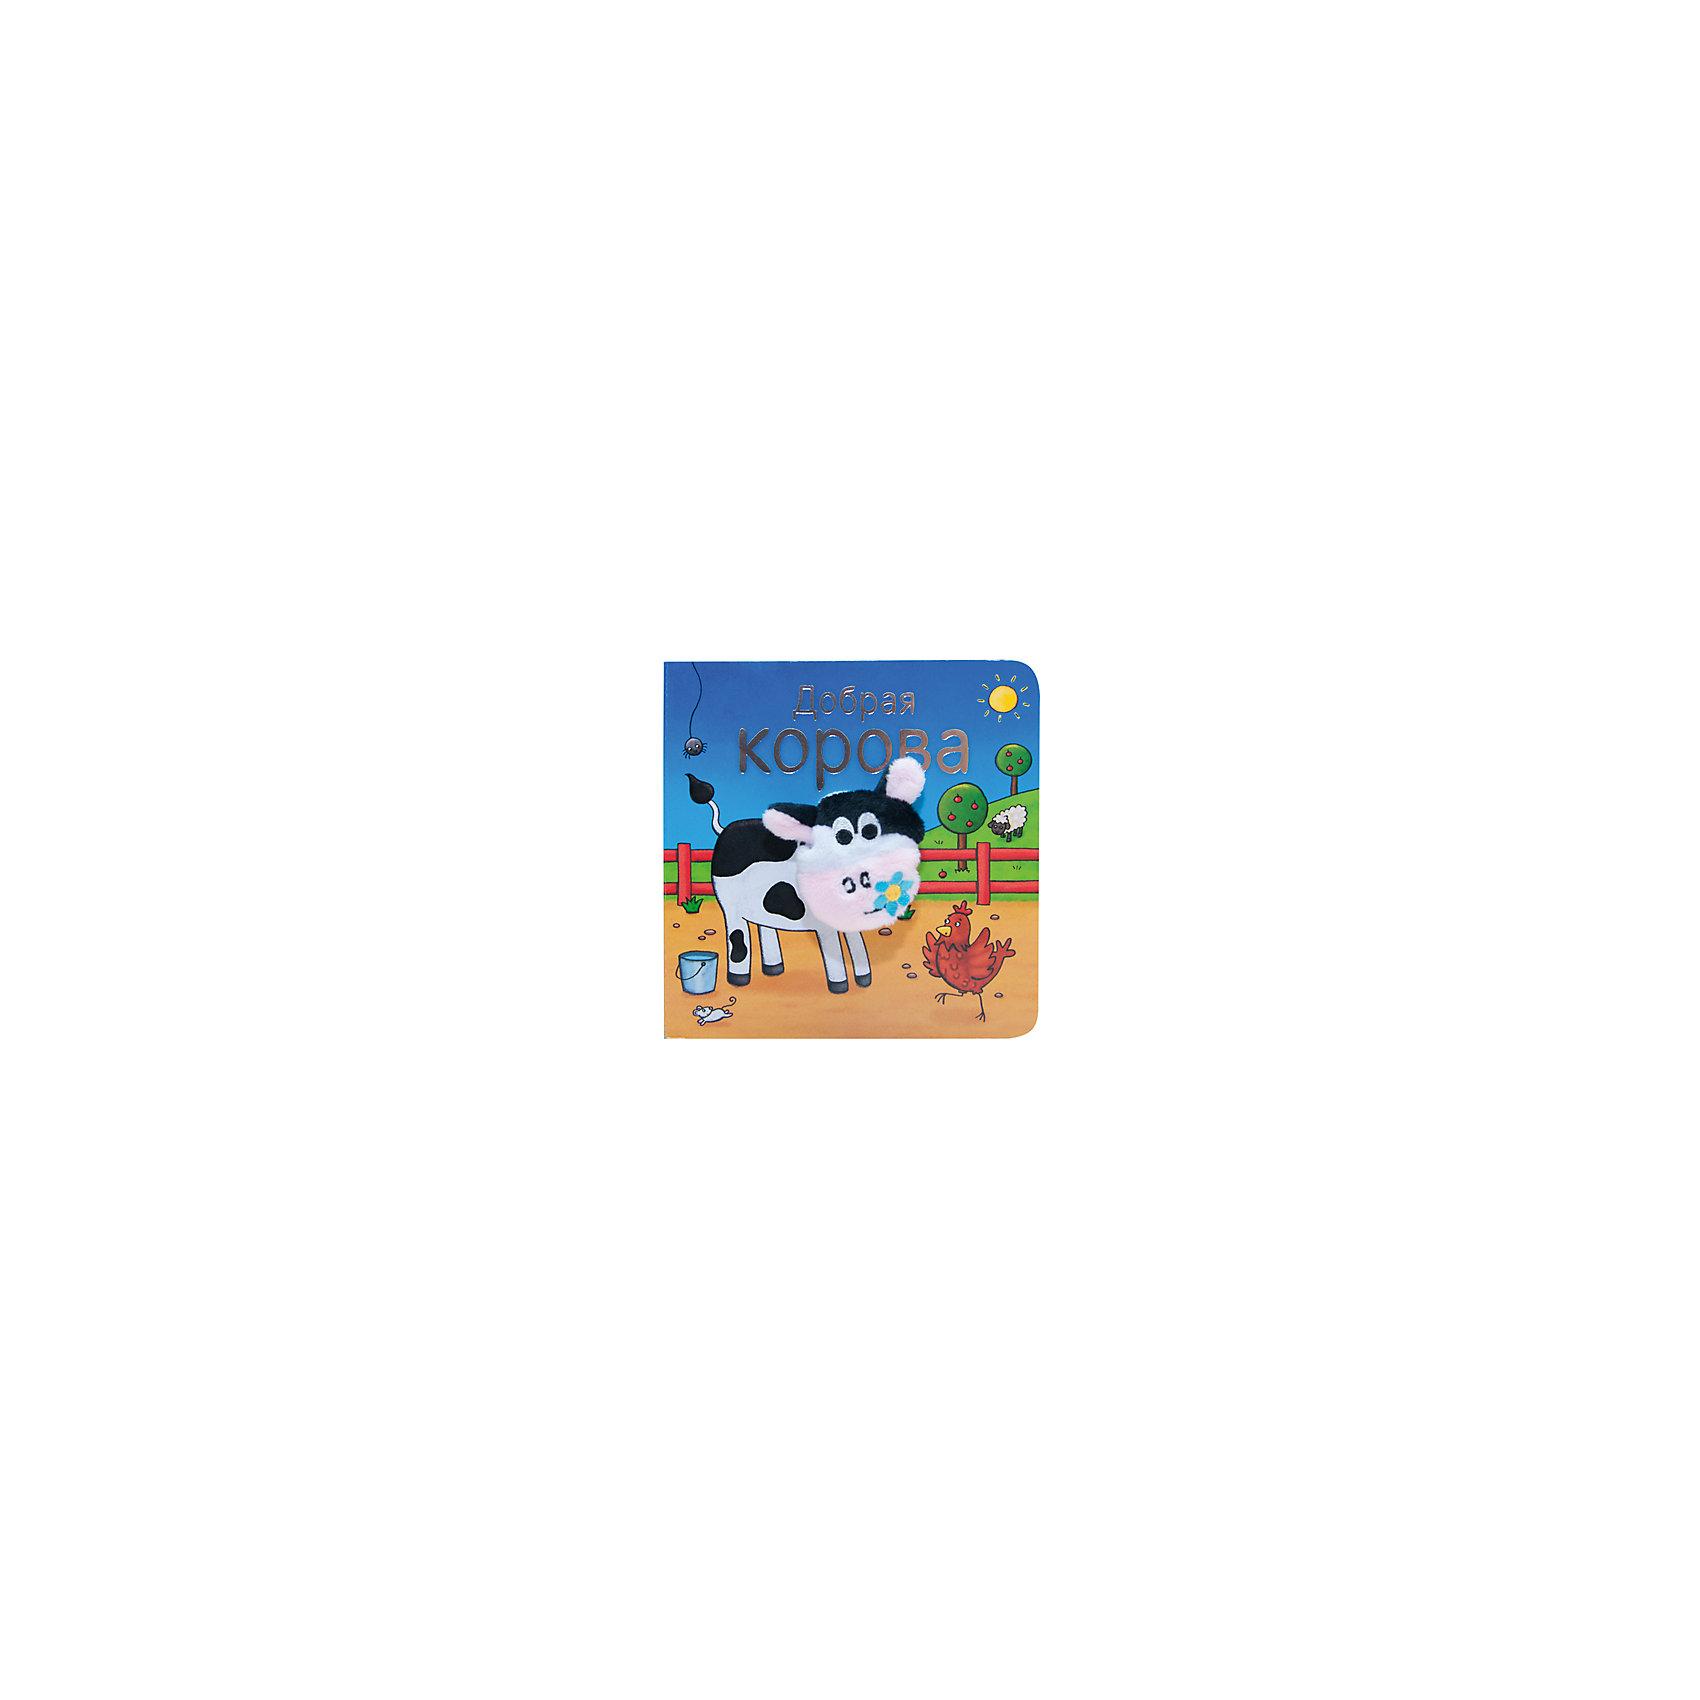 Книжки с пальчиковыми куклами Добрая корова, Мозаика-СинтезЗнакомьтесь: добрая корова!<br>Забавная книга с пальчиковой куклой обязательно станет любимой. Ваш малыш сможет не только познакомиться, но и поиграть с очаровательной коровкой: детям очень нравится, когда корова прячет, а потом снова высовывает голову и трется мордочкой о детскую ладошку.<br>Веселые стихи расскажут о приключениях доброй коровы. Читая их и показывая картинки, Вы сможете инсценировать происходящее и от имени героя общаться с ребенком. Такая игра способствует развитию фантазии и воображения.<br>Книжка с закругленными краями на плотном картоне абсолютно безопасна и будет долго радовать маленького читателя.<br><br>Ширина мм: 125<br>Глубина мм: 125<br>Высота мм: 17<br>Вес г: 0<br>Возраст от месяцев: 12<br>Возраст до месяцев: 36<br>Пол: Унисекс<br>Возраст: Детский<br>SKU: 5441681